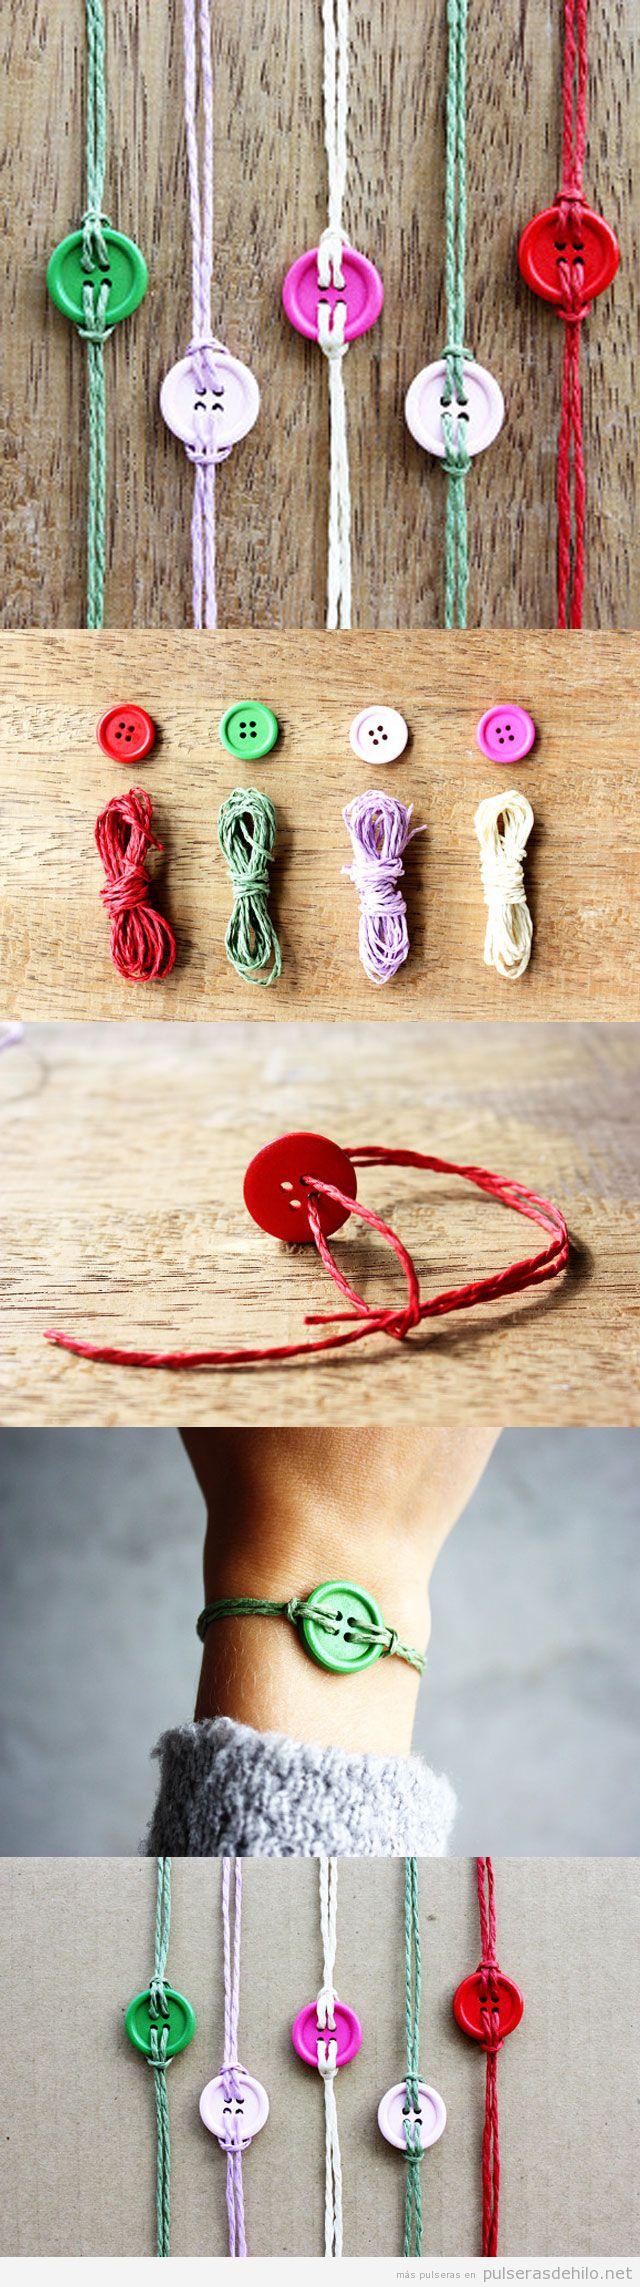 Pulsera DIY hecha con cuerdas y botones de colores, tutorial